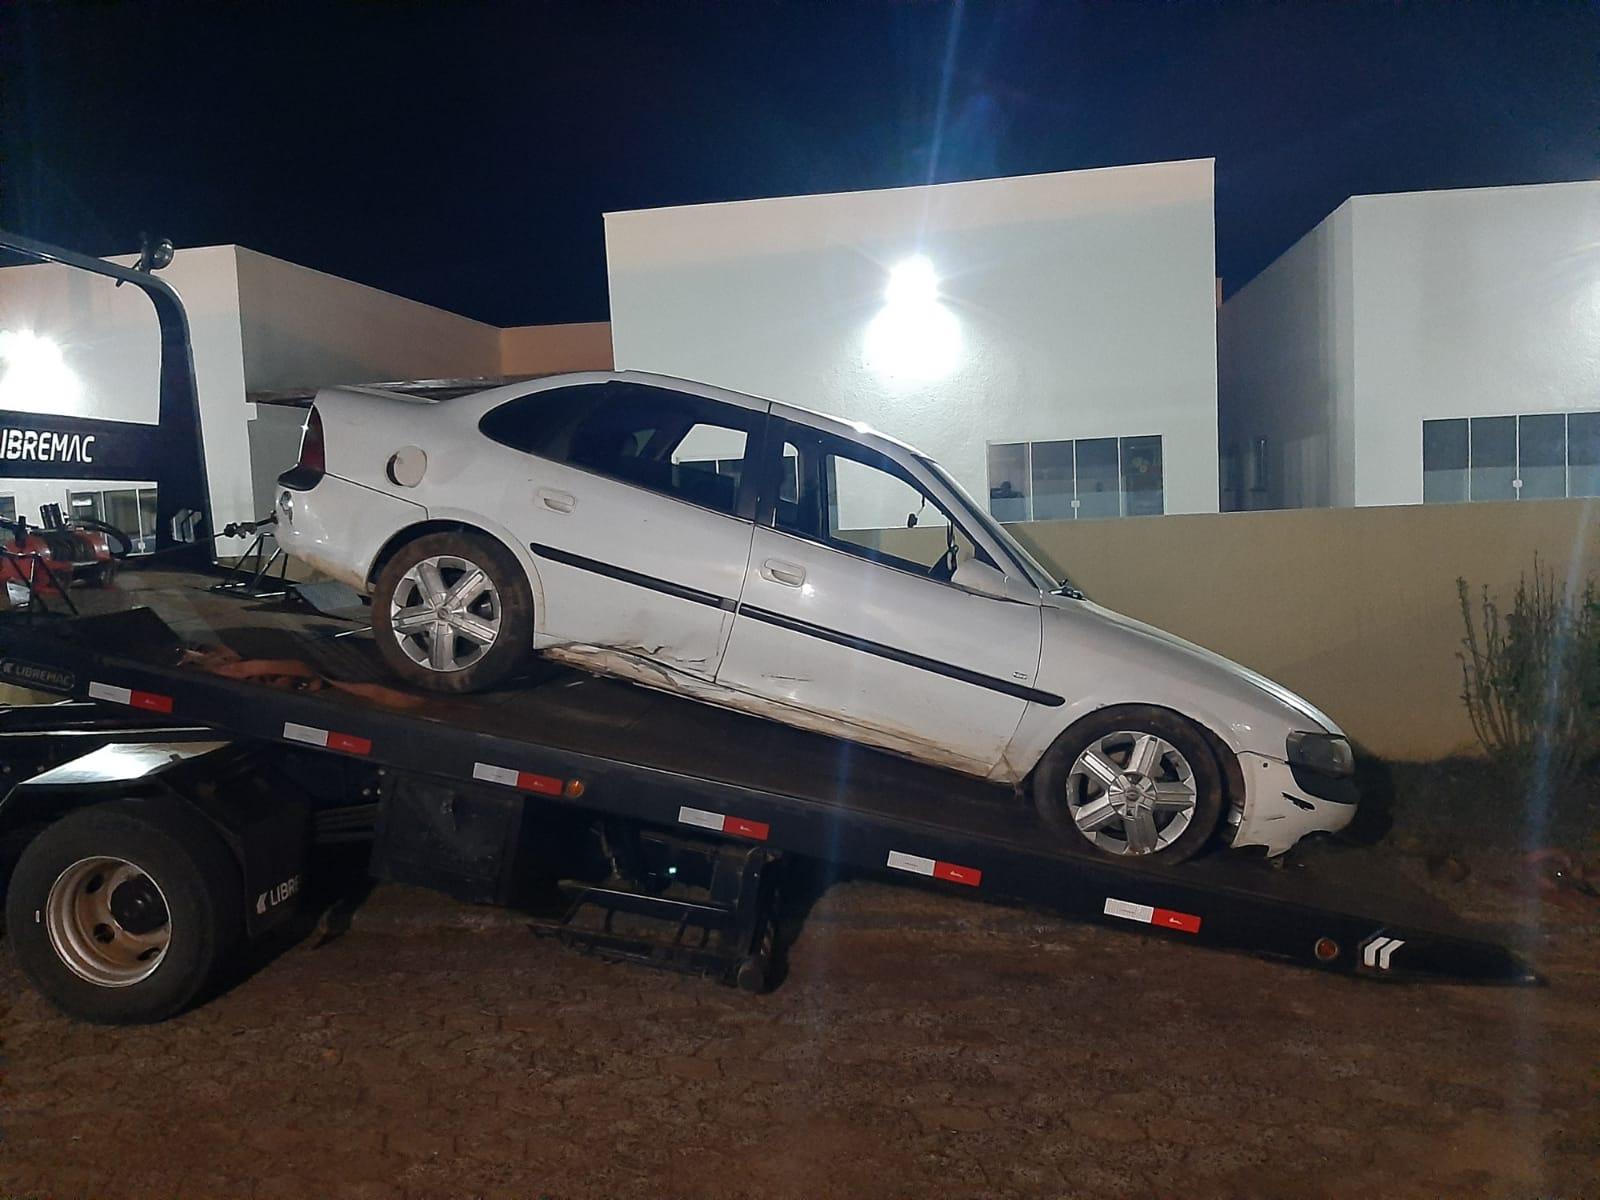 [Grupo RBJ de Comunicação] Três homens morrem em confronto com a Polícia Militar em Mangueirinha — Veículo utilizado pelo trio